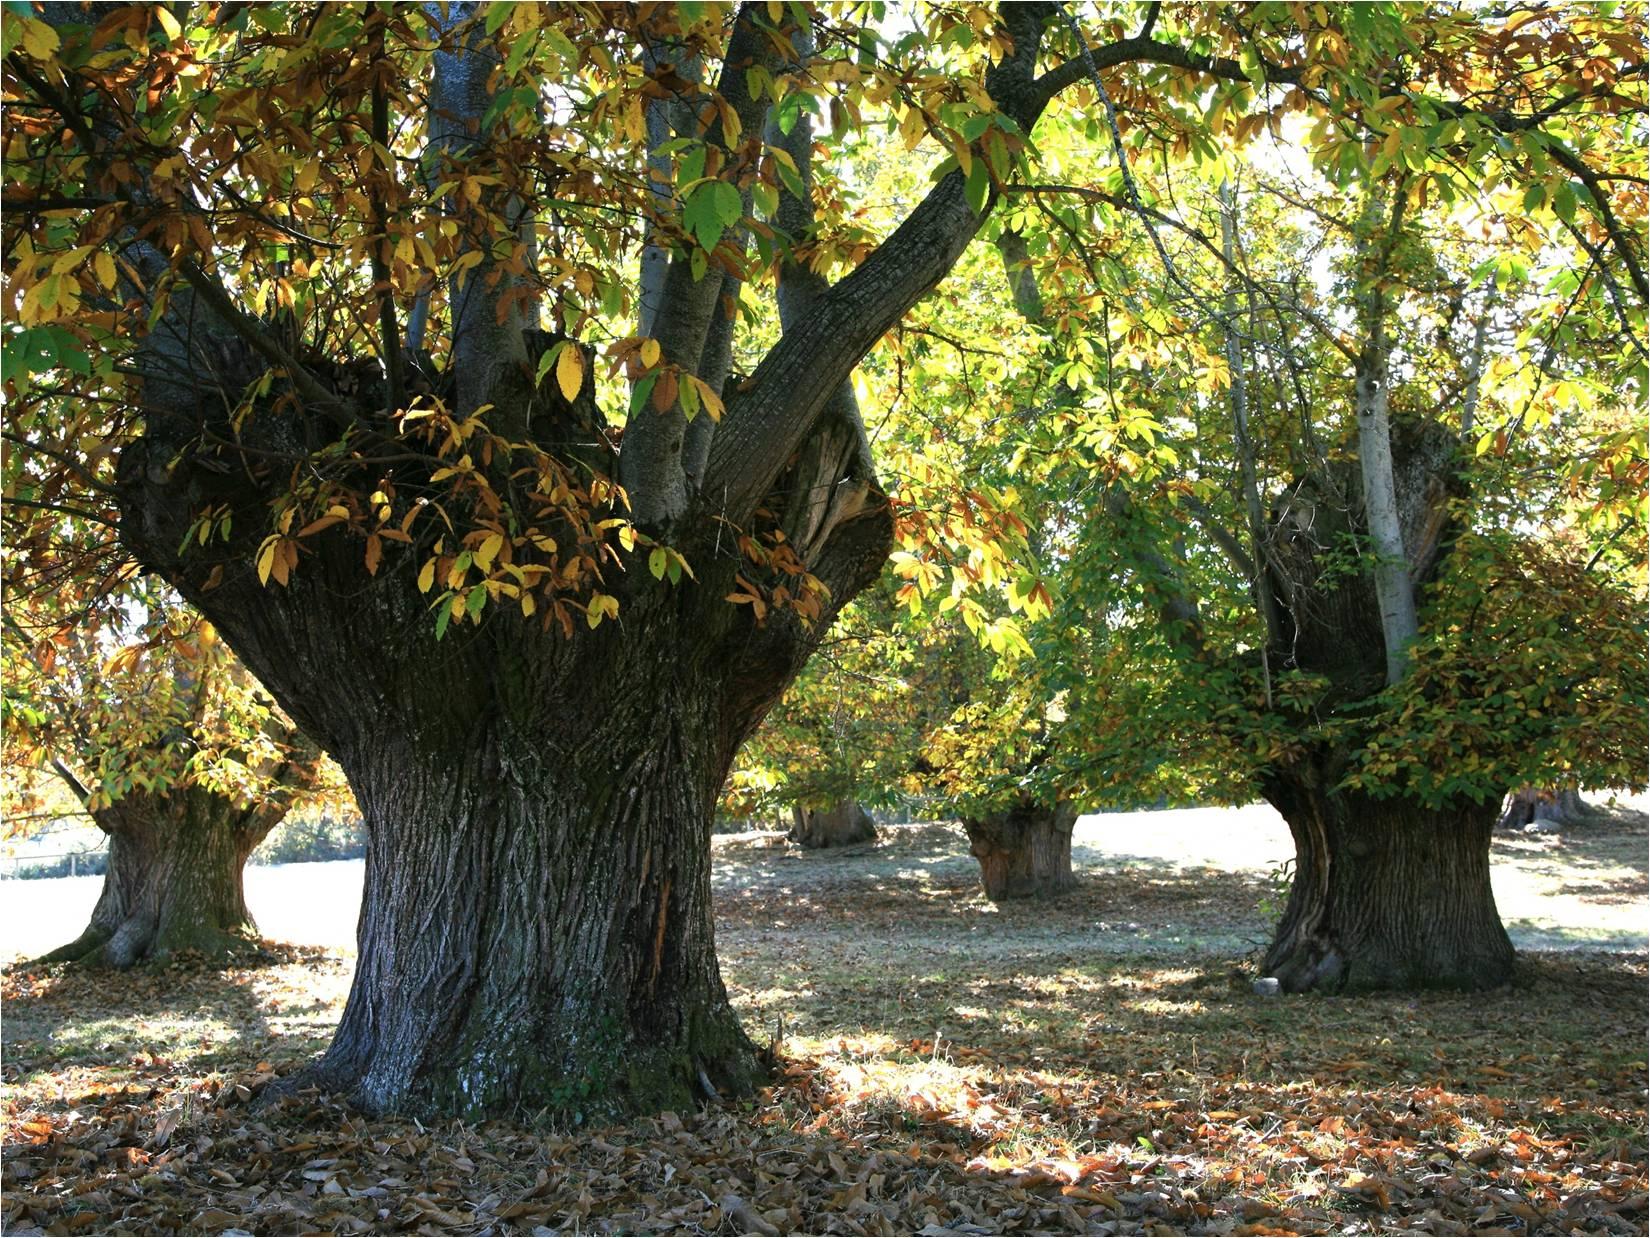 Sistemas agroforestales, silvopastoralismo y agroecología en Galicia